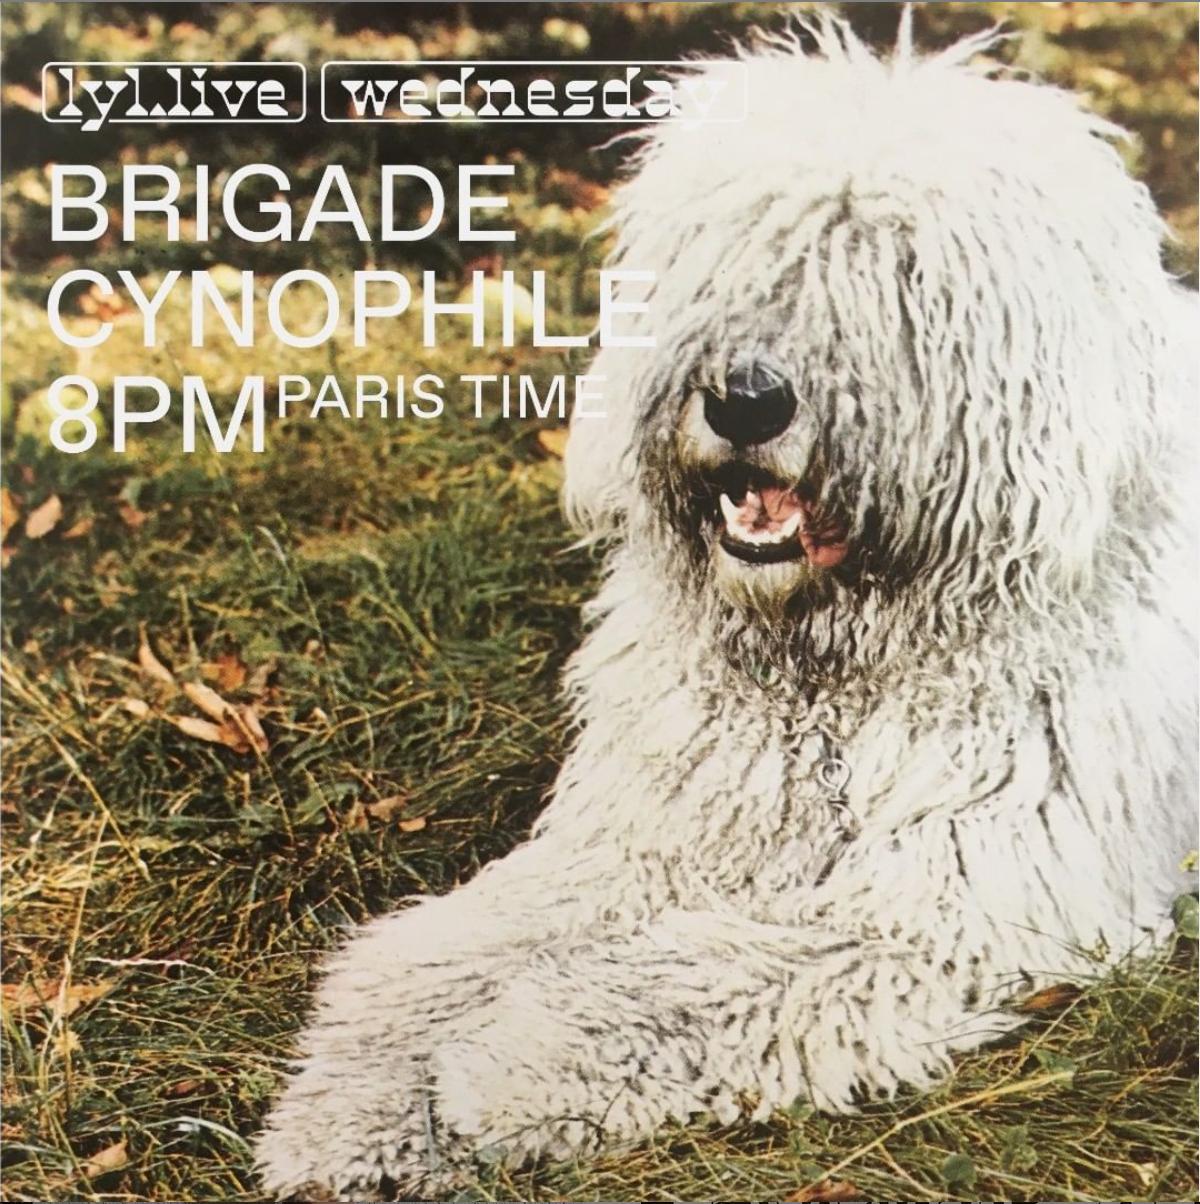 Brigade Cynophile Lyl Radio